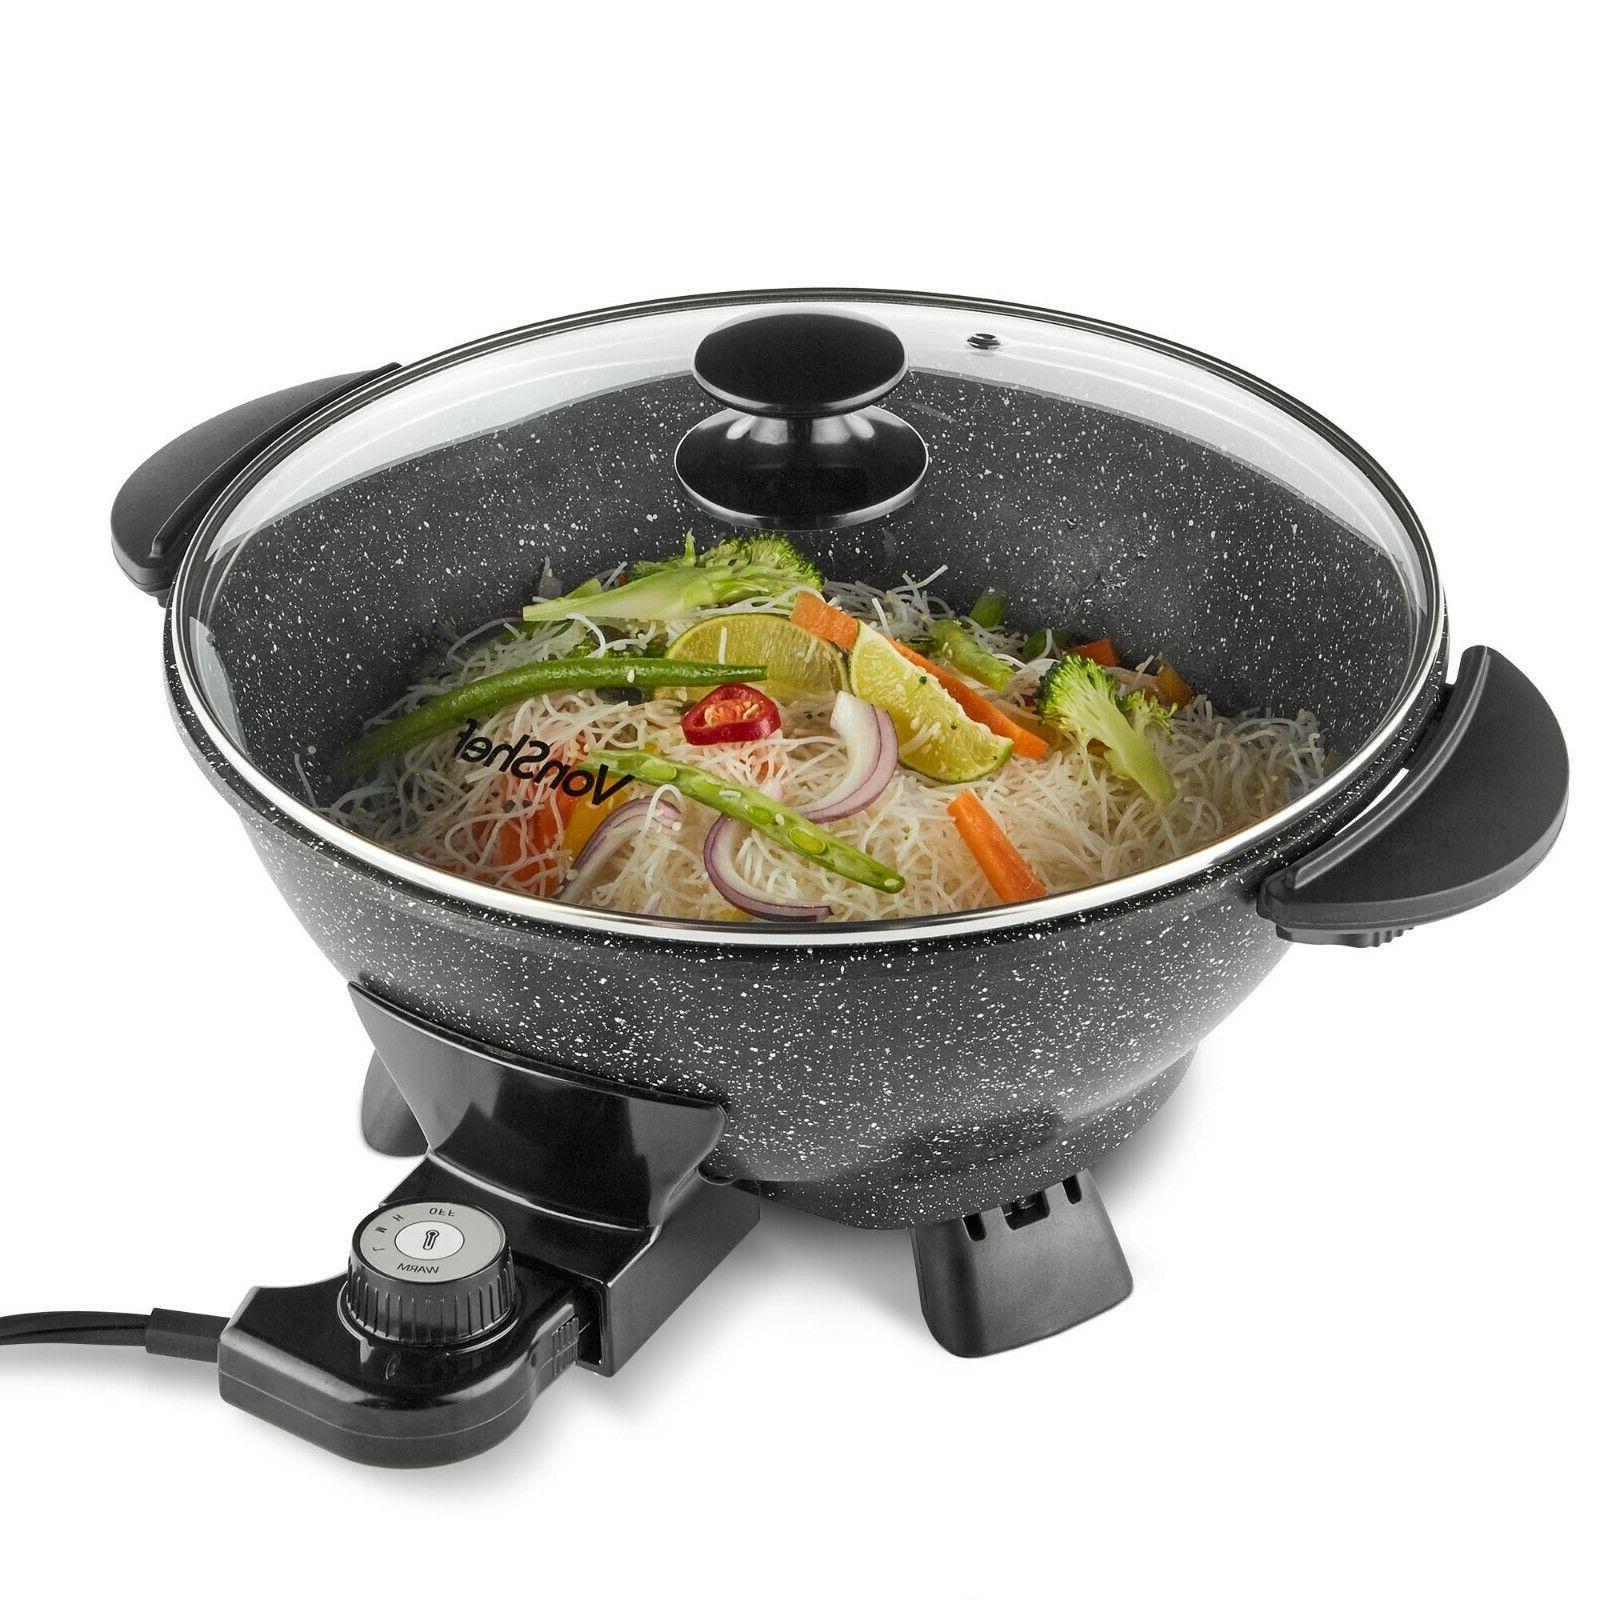 electric wok pan non stick 7 qt